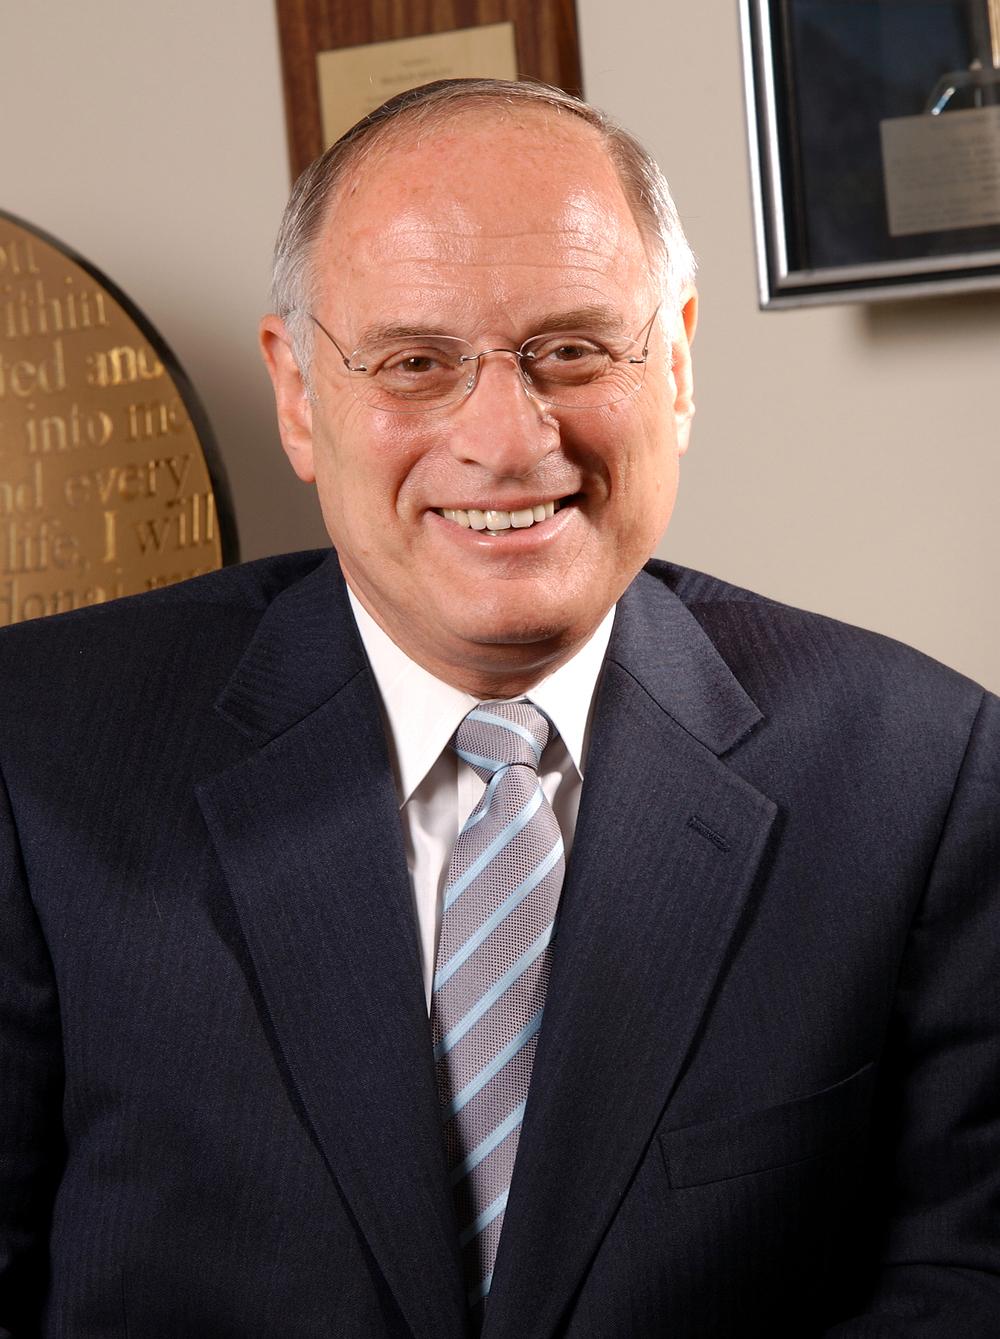 Malcolm Hoenlein